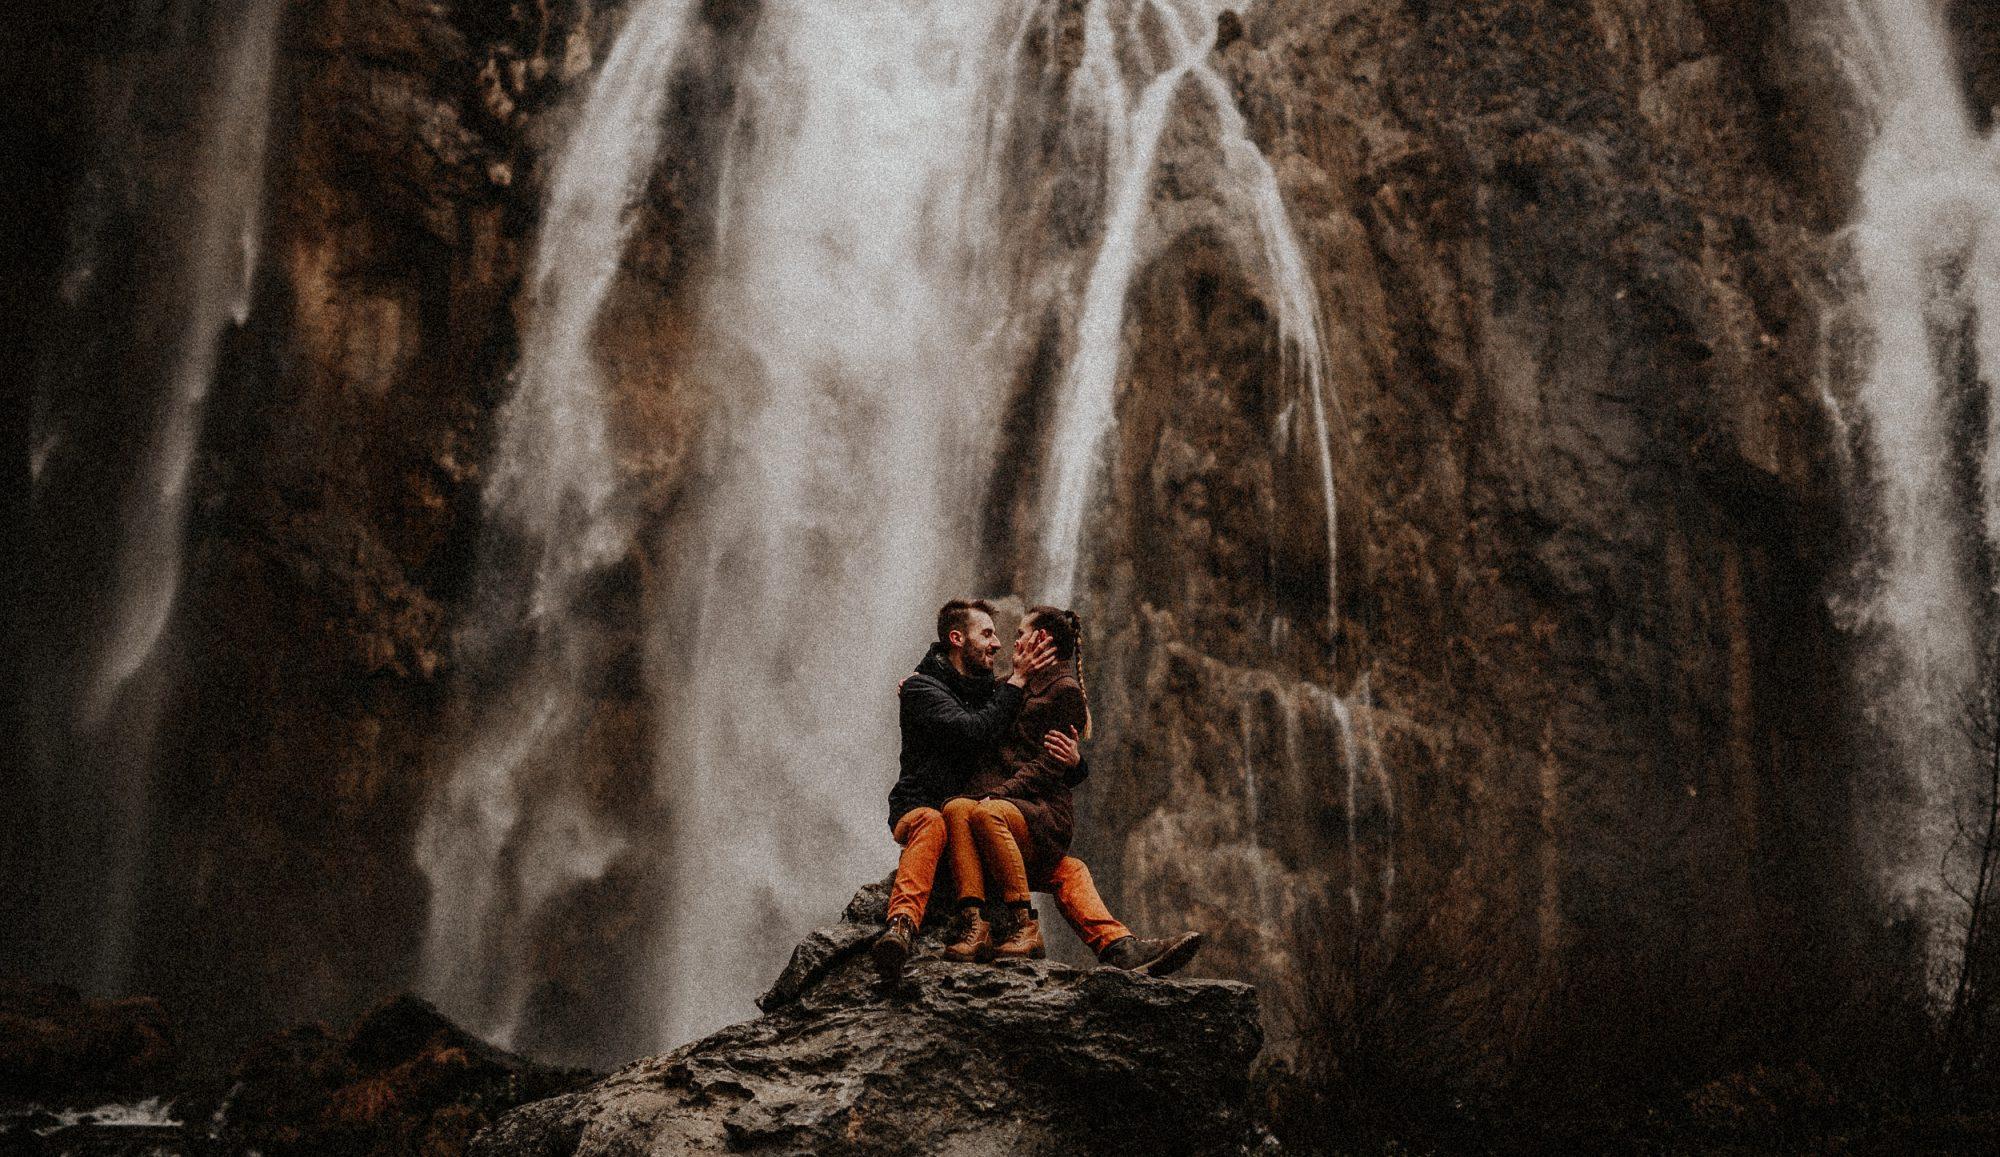 Keywords: croita;kosice;lubos krahulec;plitvice;plitvicka;presov;svadba na slovensku ;svadobne fotky v prirode;svadobny fotograf ;vychod